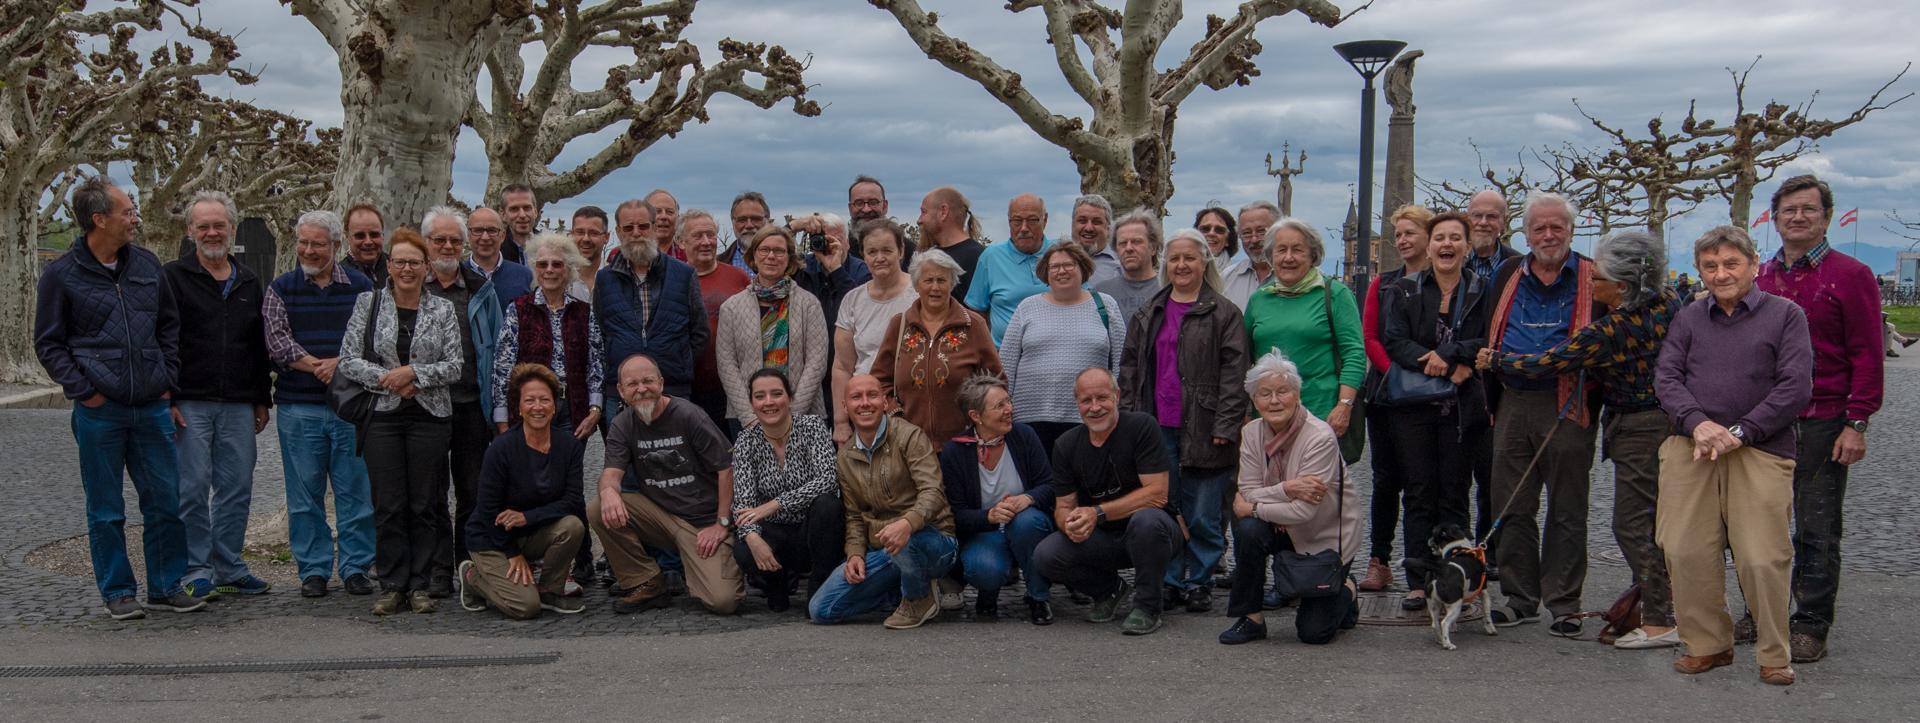 """Gruppenbild unter Platanen mit """"Imperia"""" (Foto: Lisa & Edi Day)"""